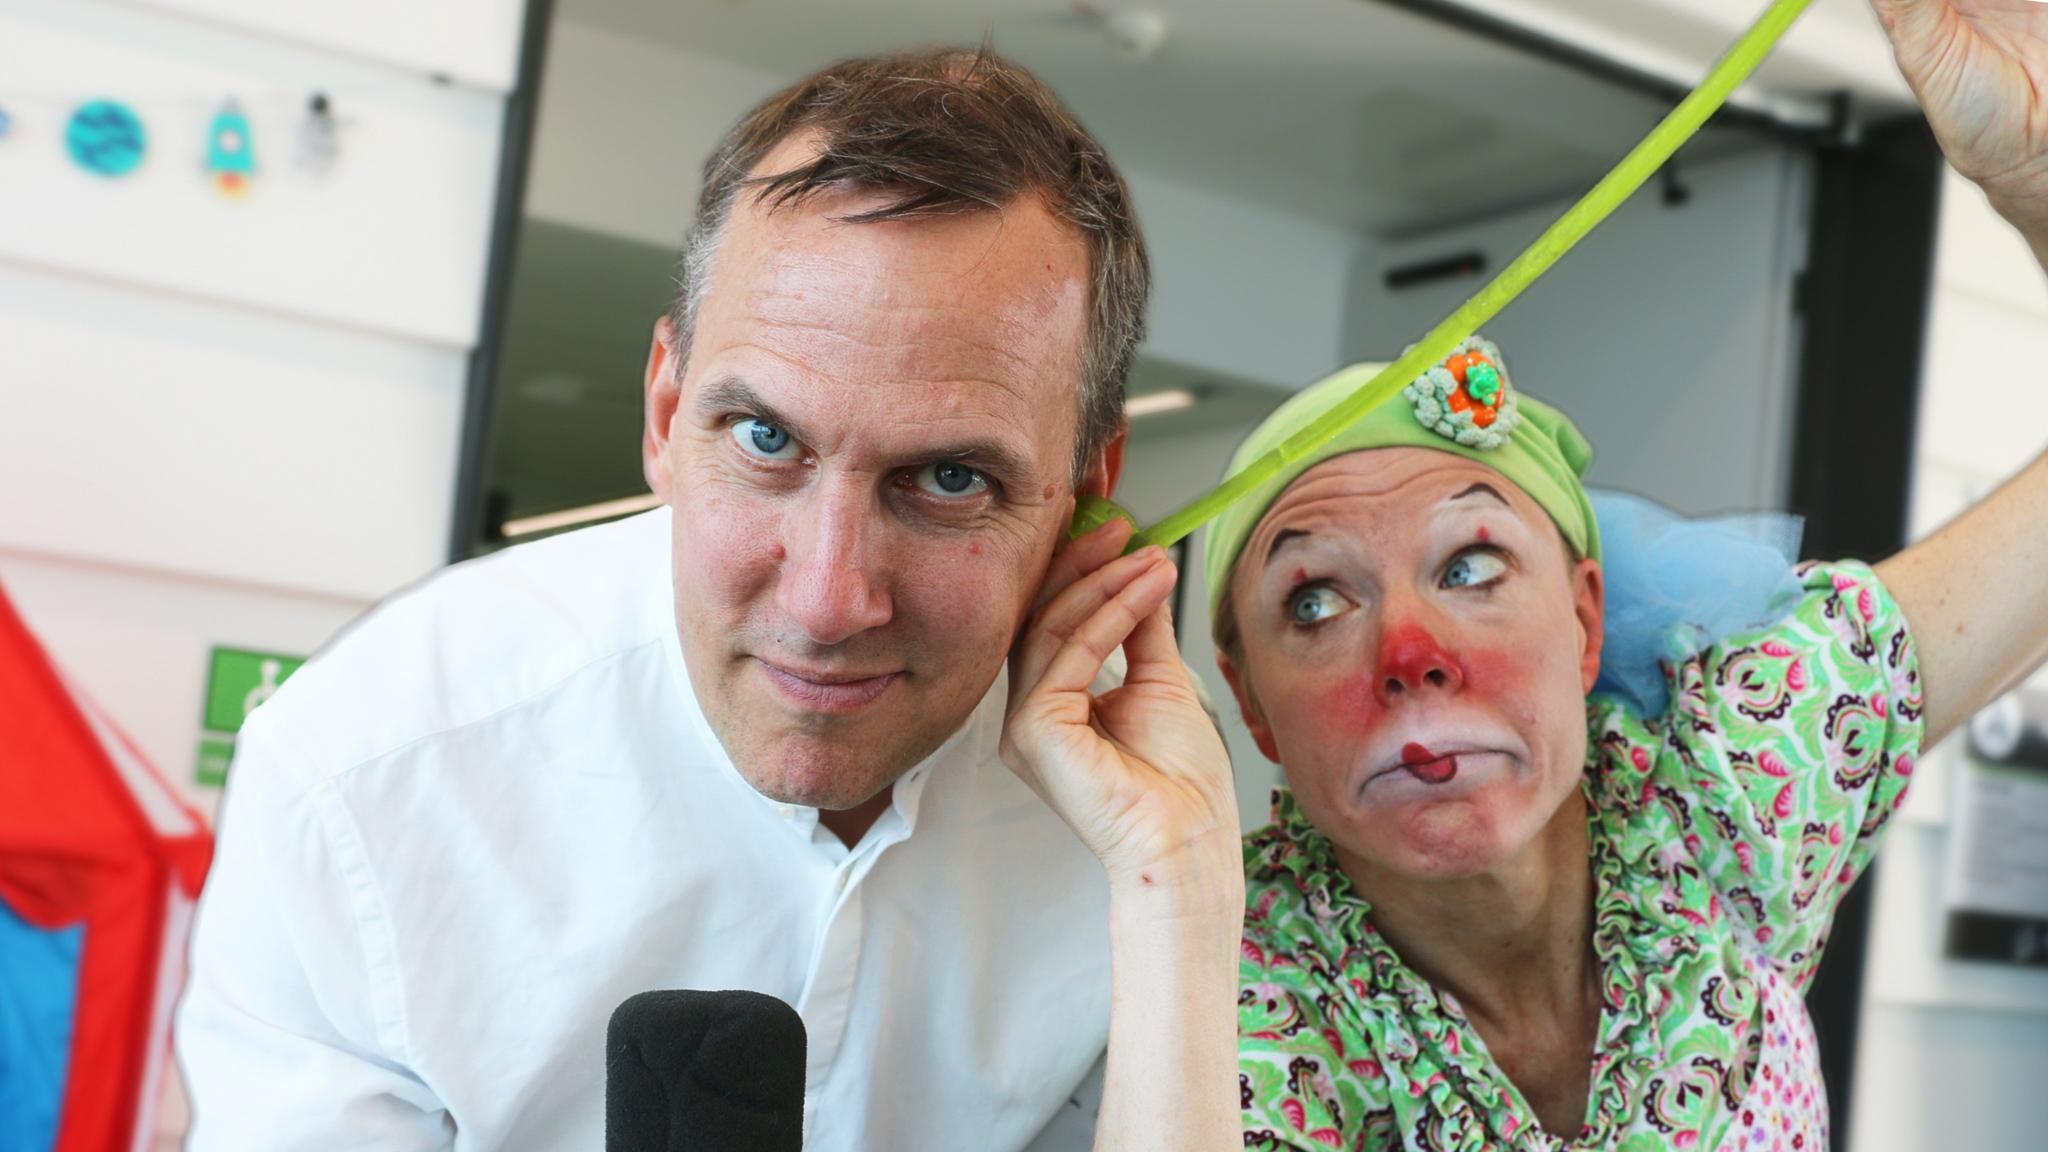 Programledare: Johan Bergendorff tillsammans med sin sidekick: sjukhusclownen Tuta (Karin Bergstrand). Clownen Tuta låtsas dra ut en grön godislarv ur örat på Johan.